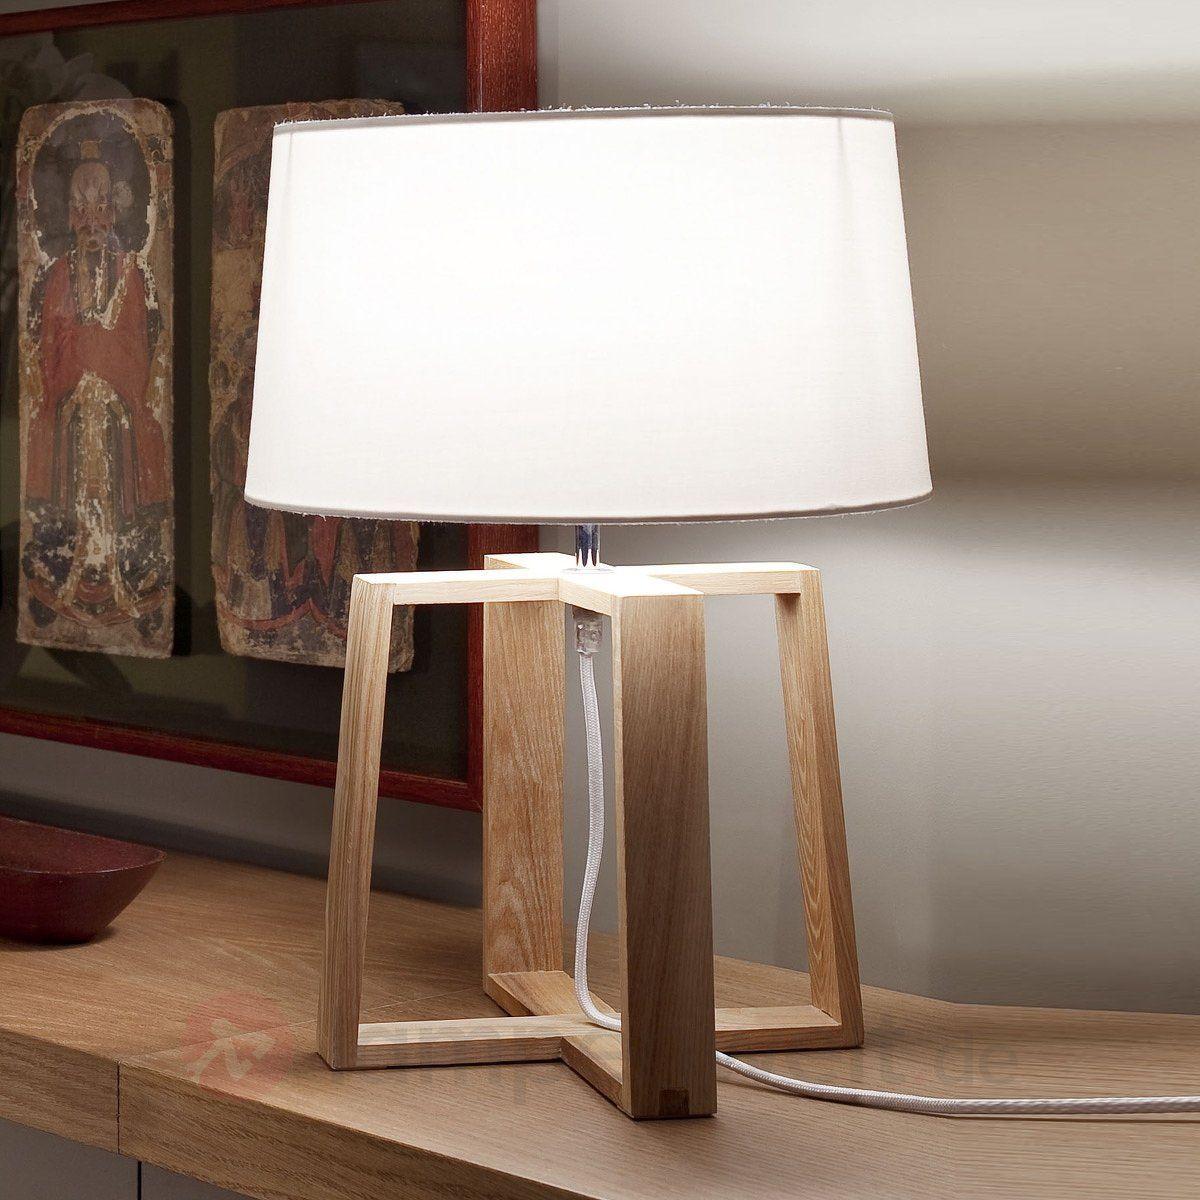 Das Helle Dieser Tischleuchte Rundet Die Und Natrlichkeit Dieses Wohn Accessoires Ab Hellbraun Erzeugt In Kombination Mit Weiss Eine Gewisse